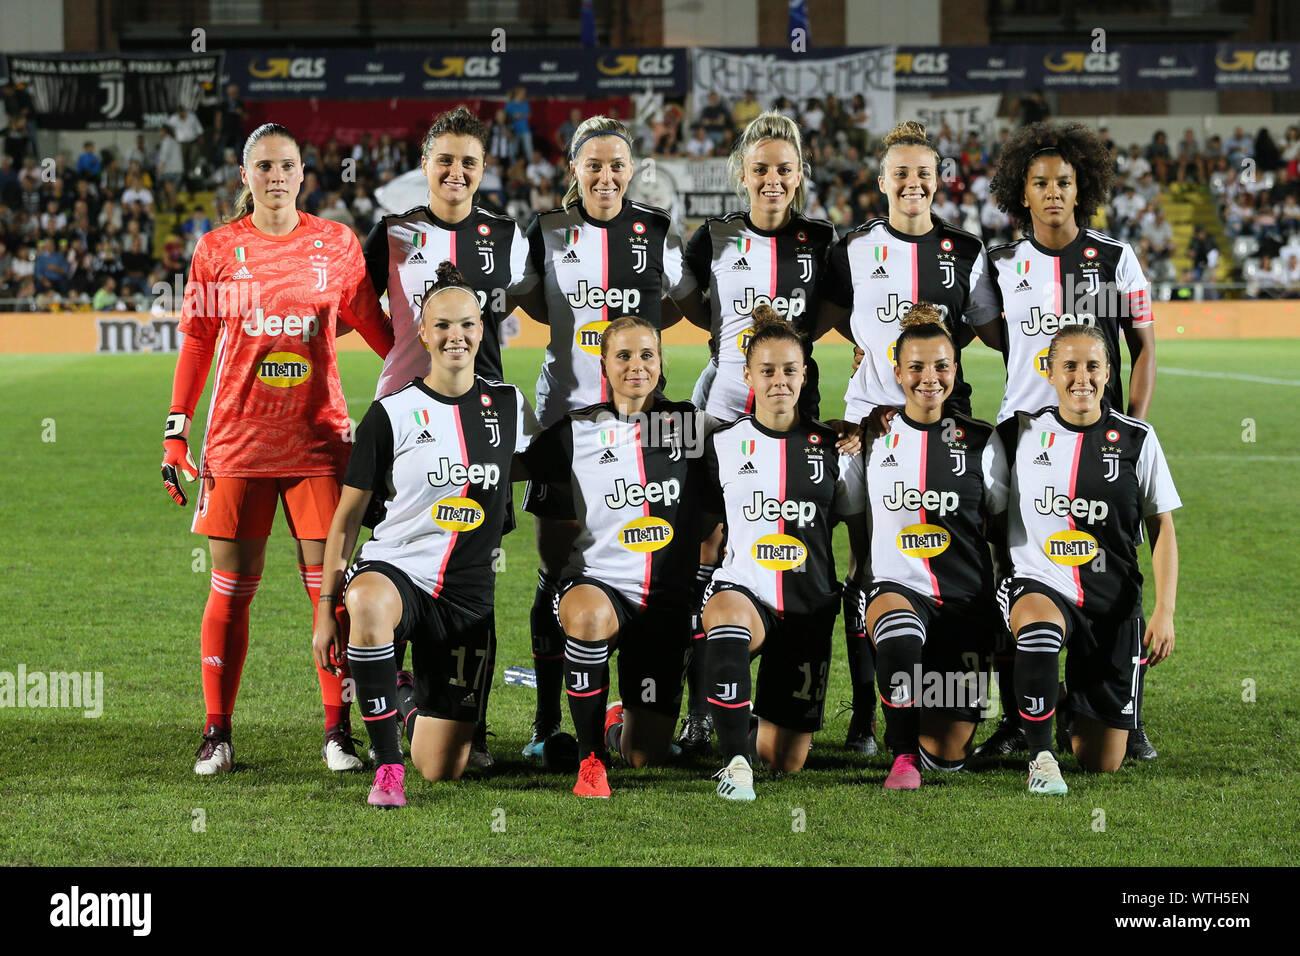 Alessandria Italy 11 Sep 2019 Calcio Champions League Women 2019 2020 Alessandria 11 09 2019 Juventus